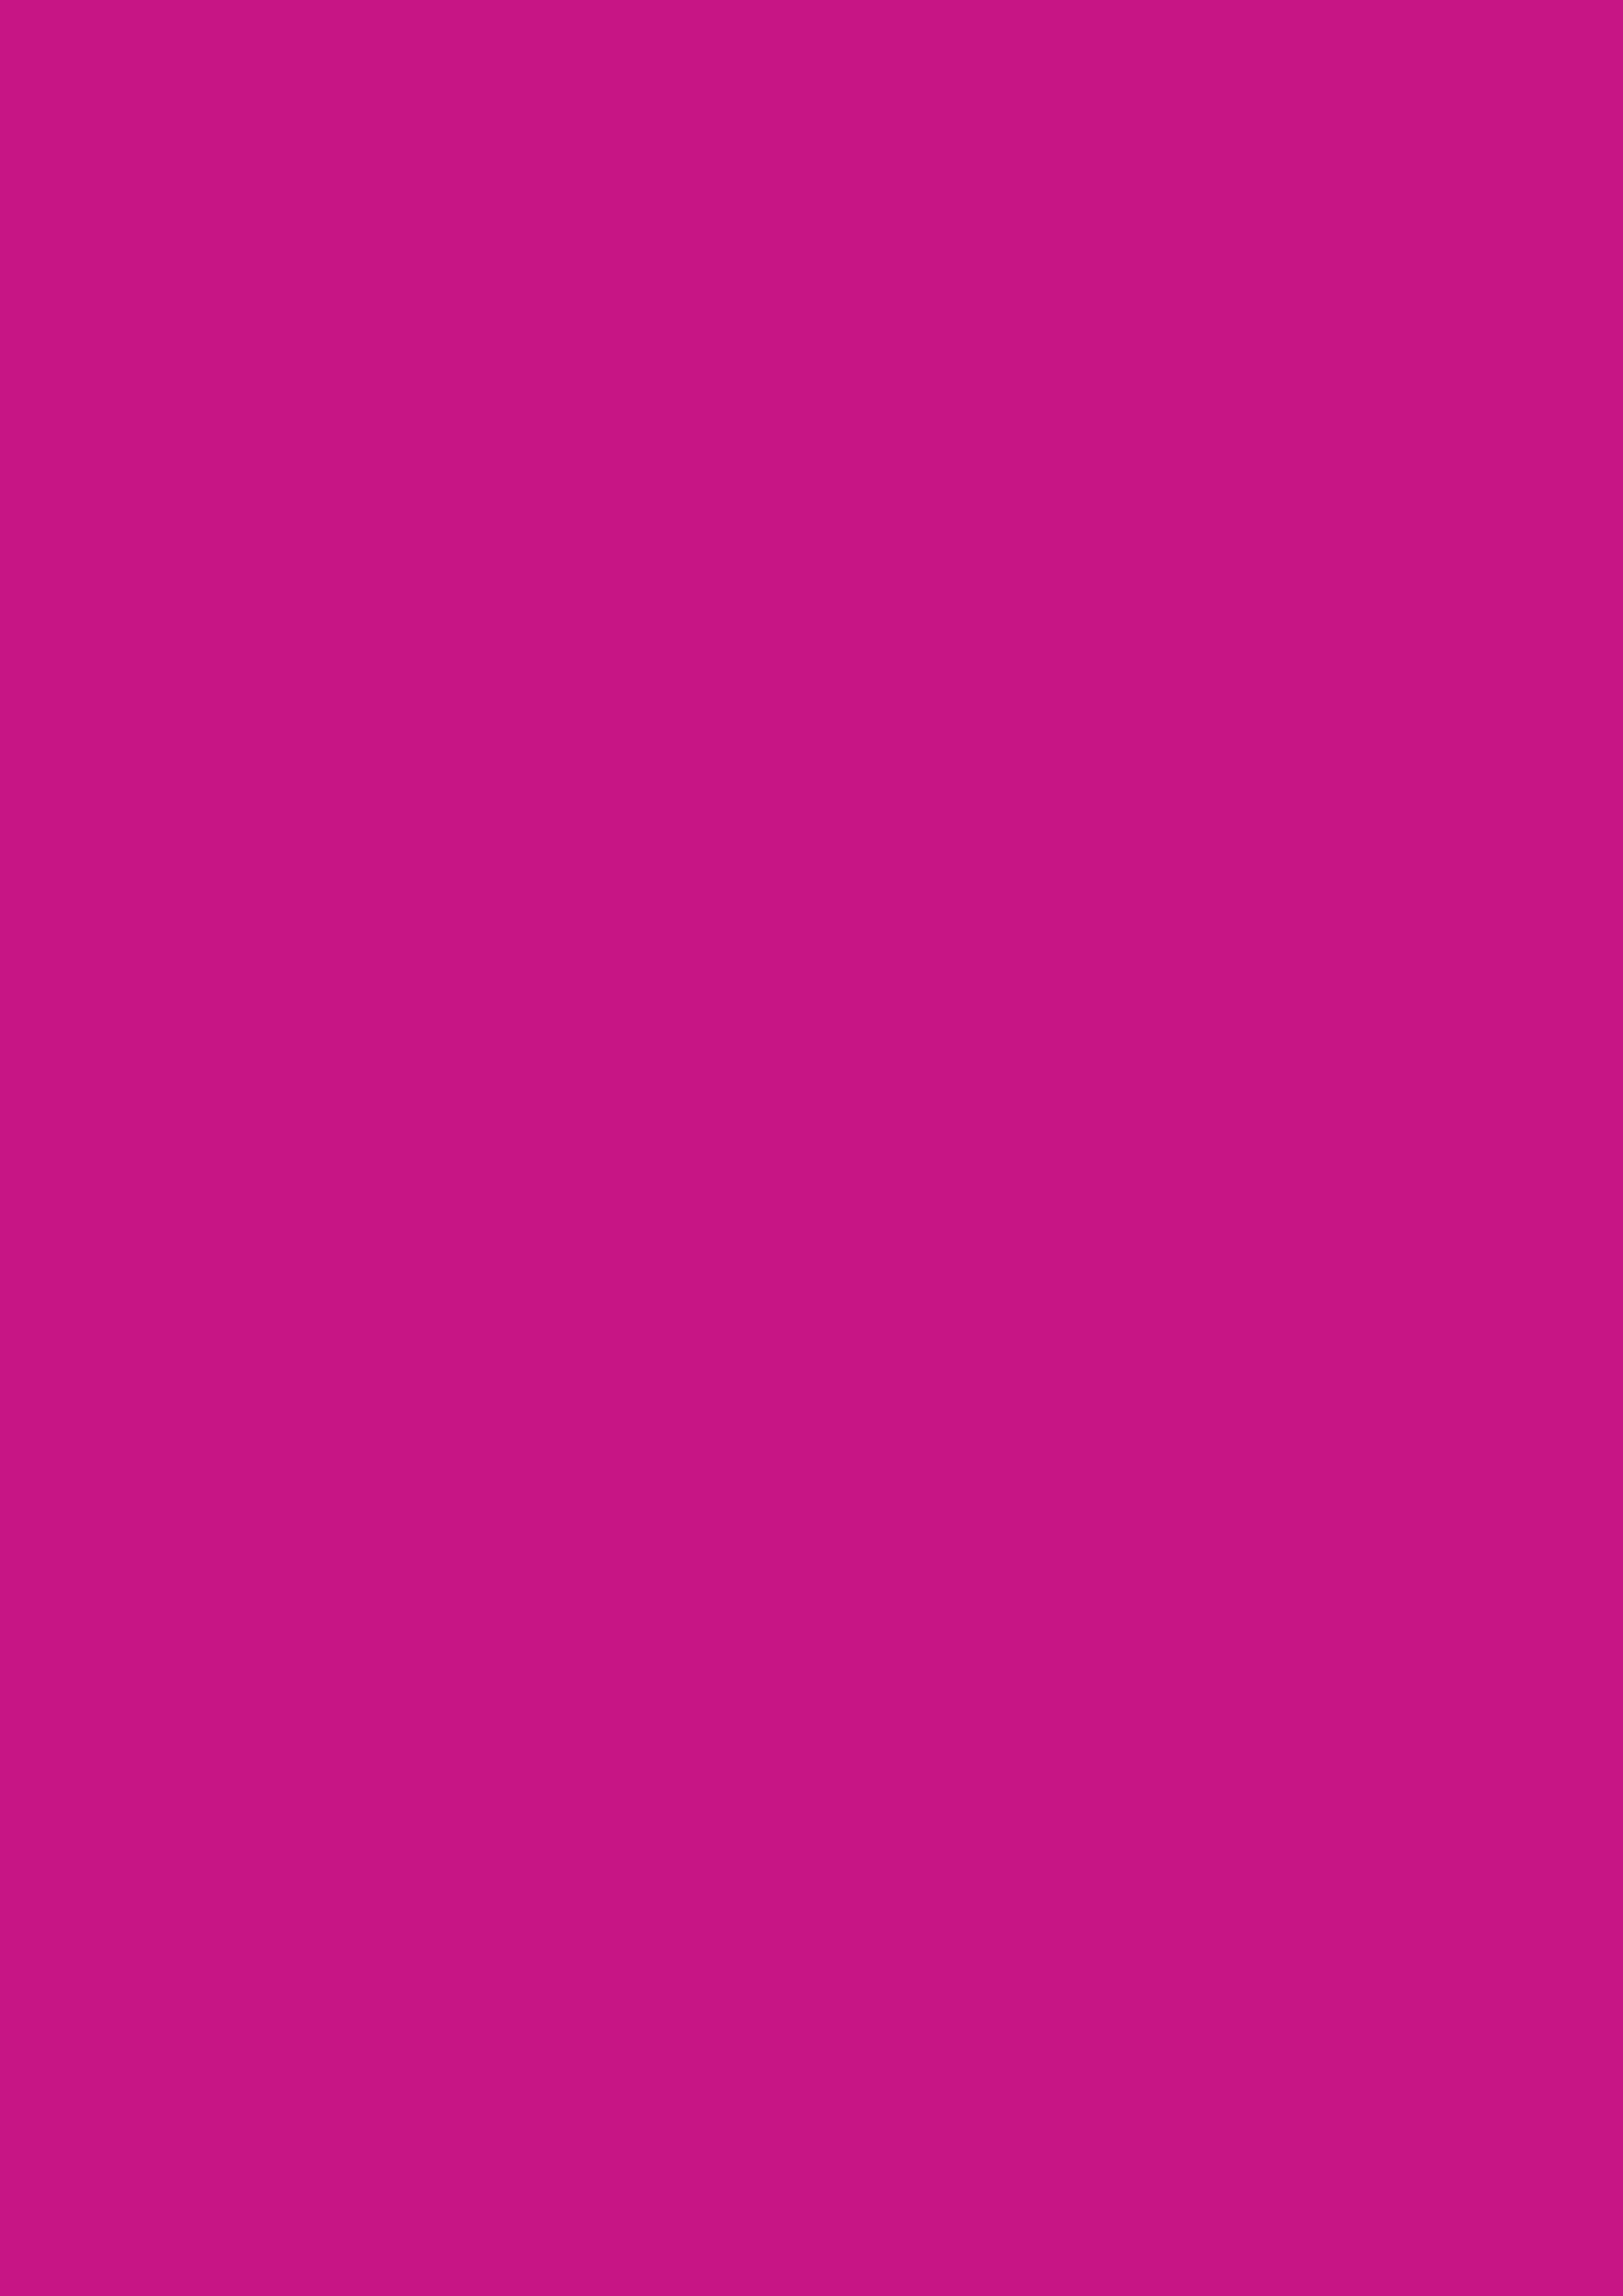 2480x3508 Medium Violet-red Solid Color Background